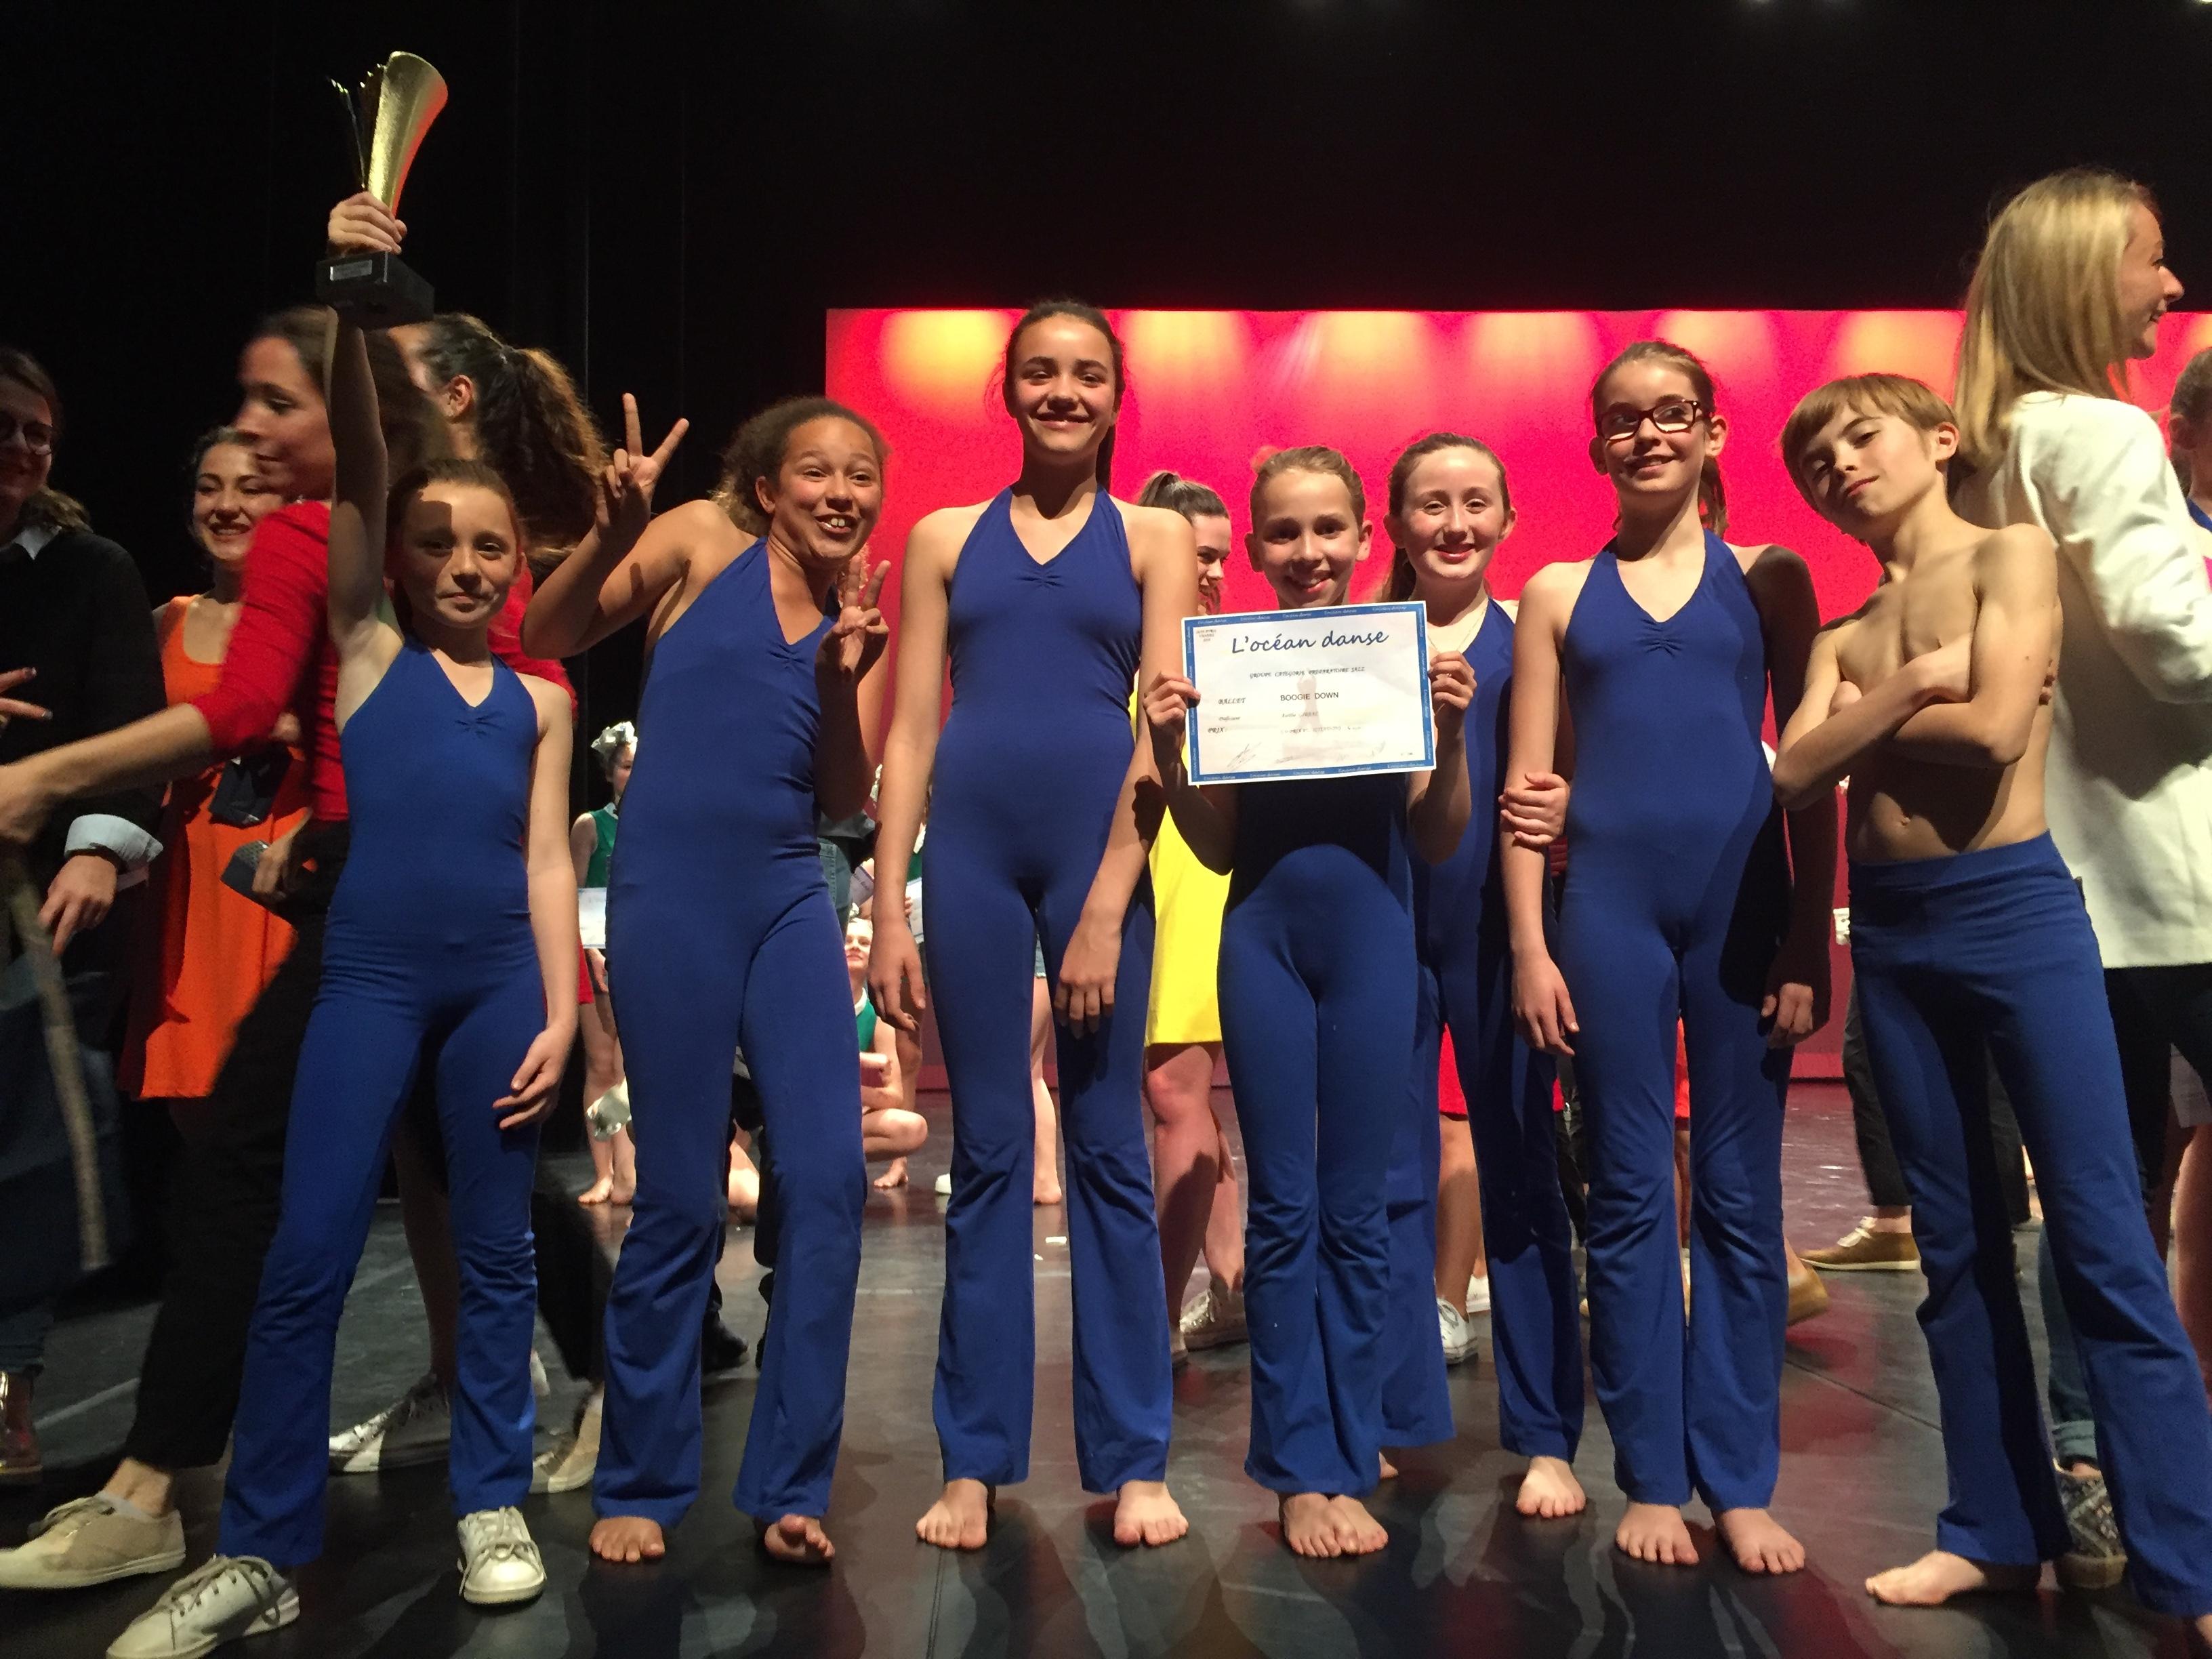 Groupe concours junior 2018 ocean danse